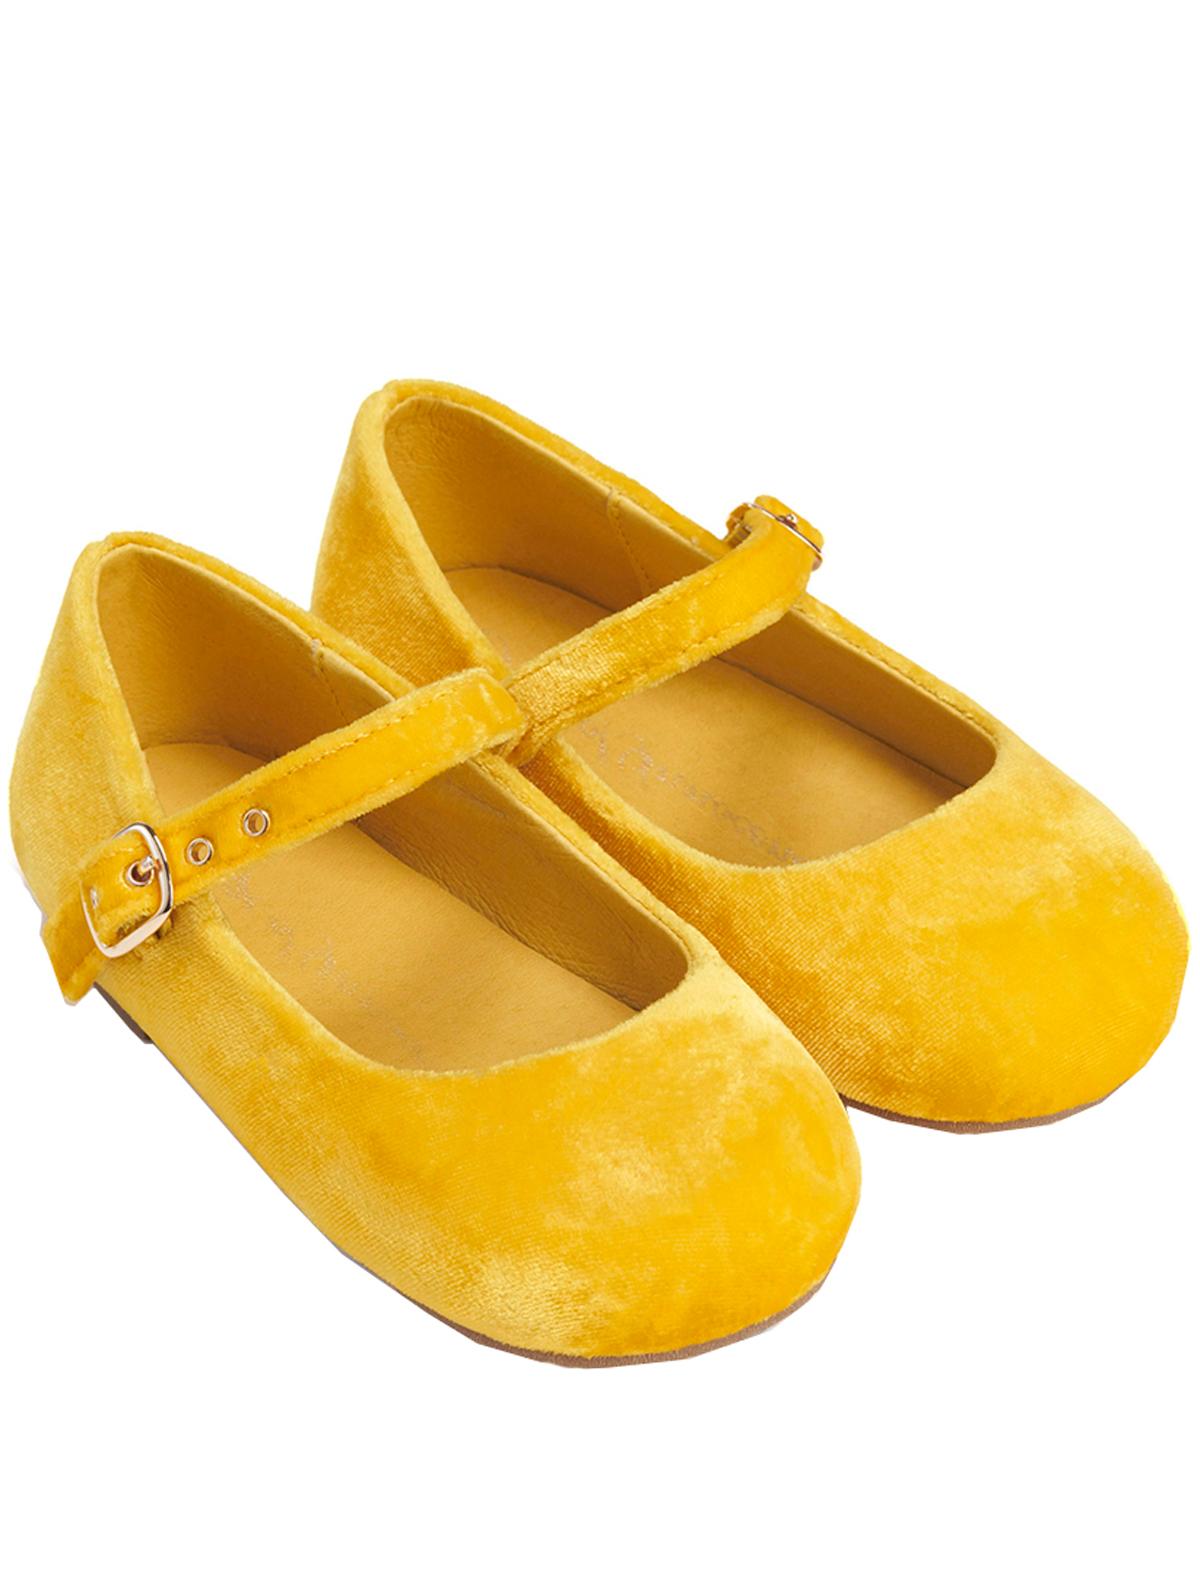 Туфли Age of Innocence 2287813 желтого цвета